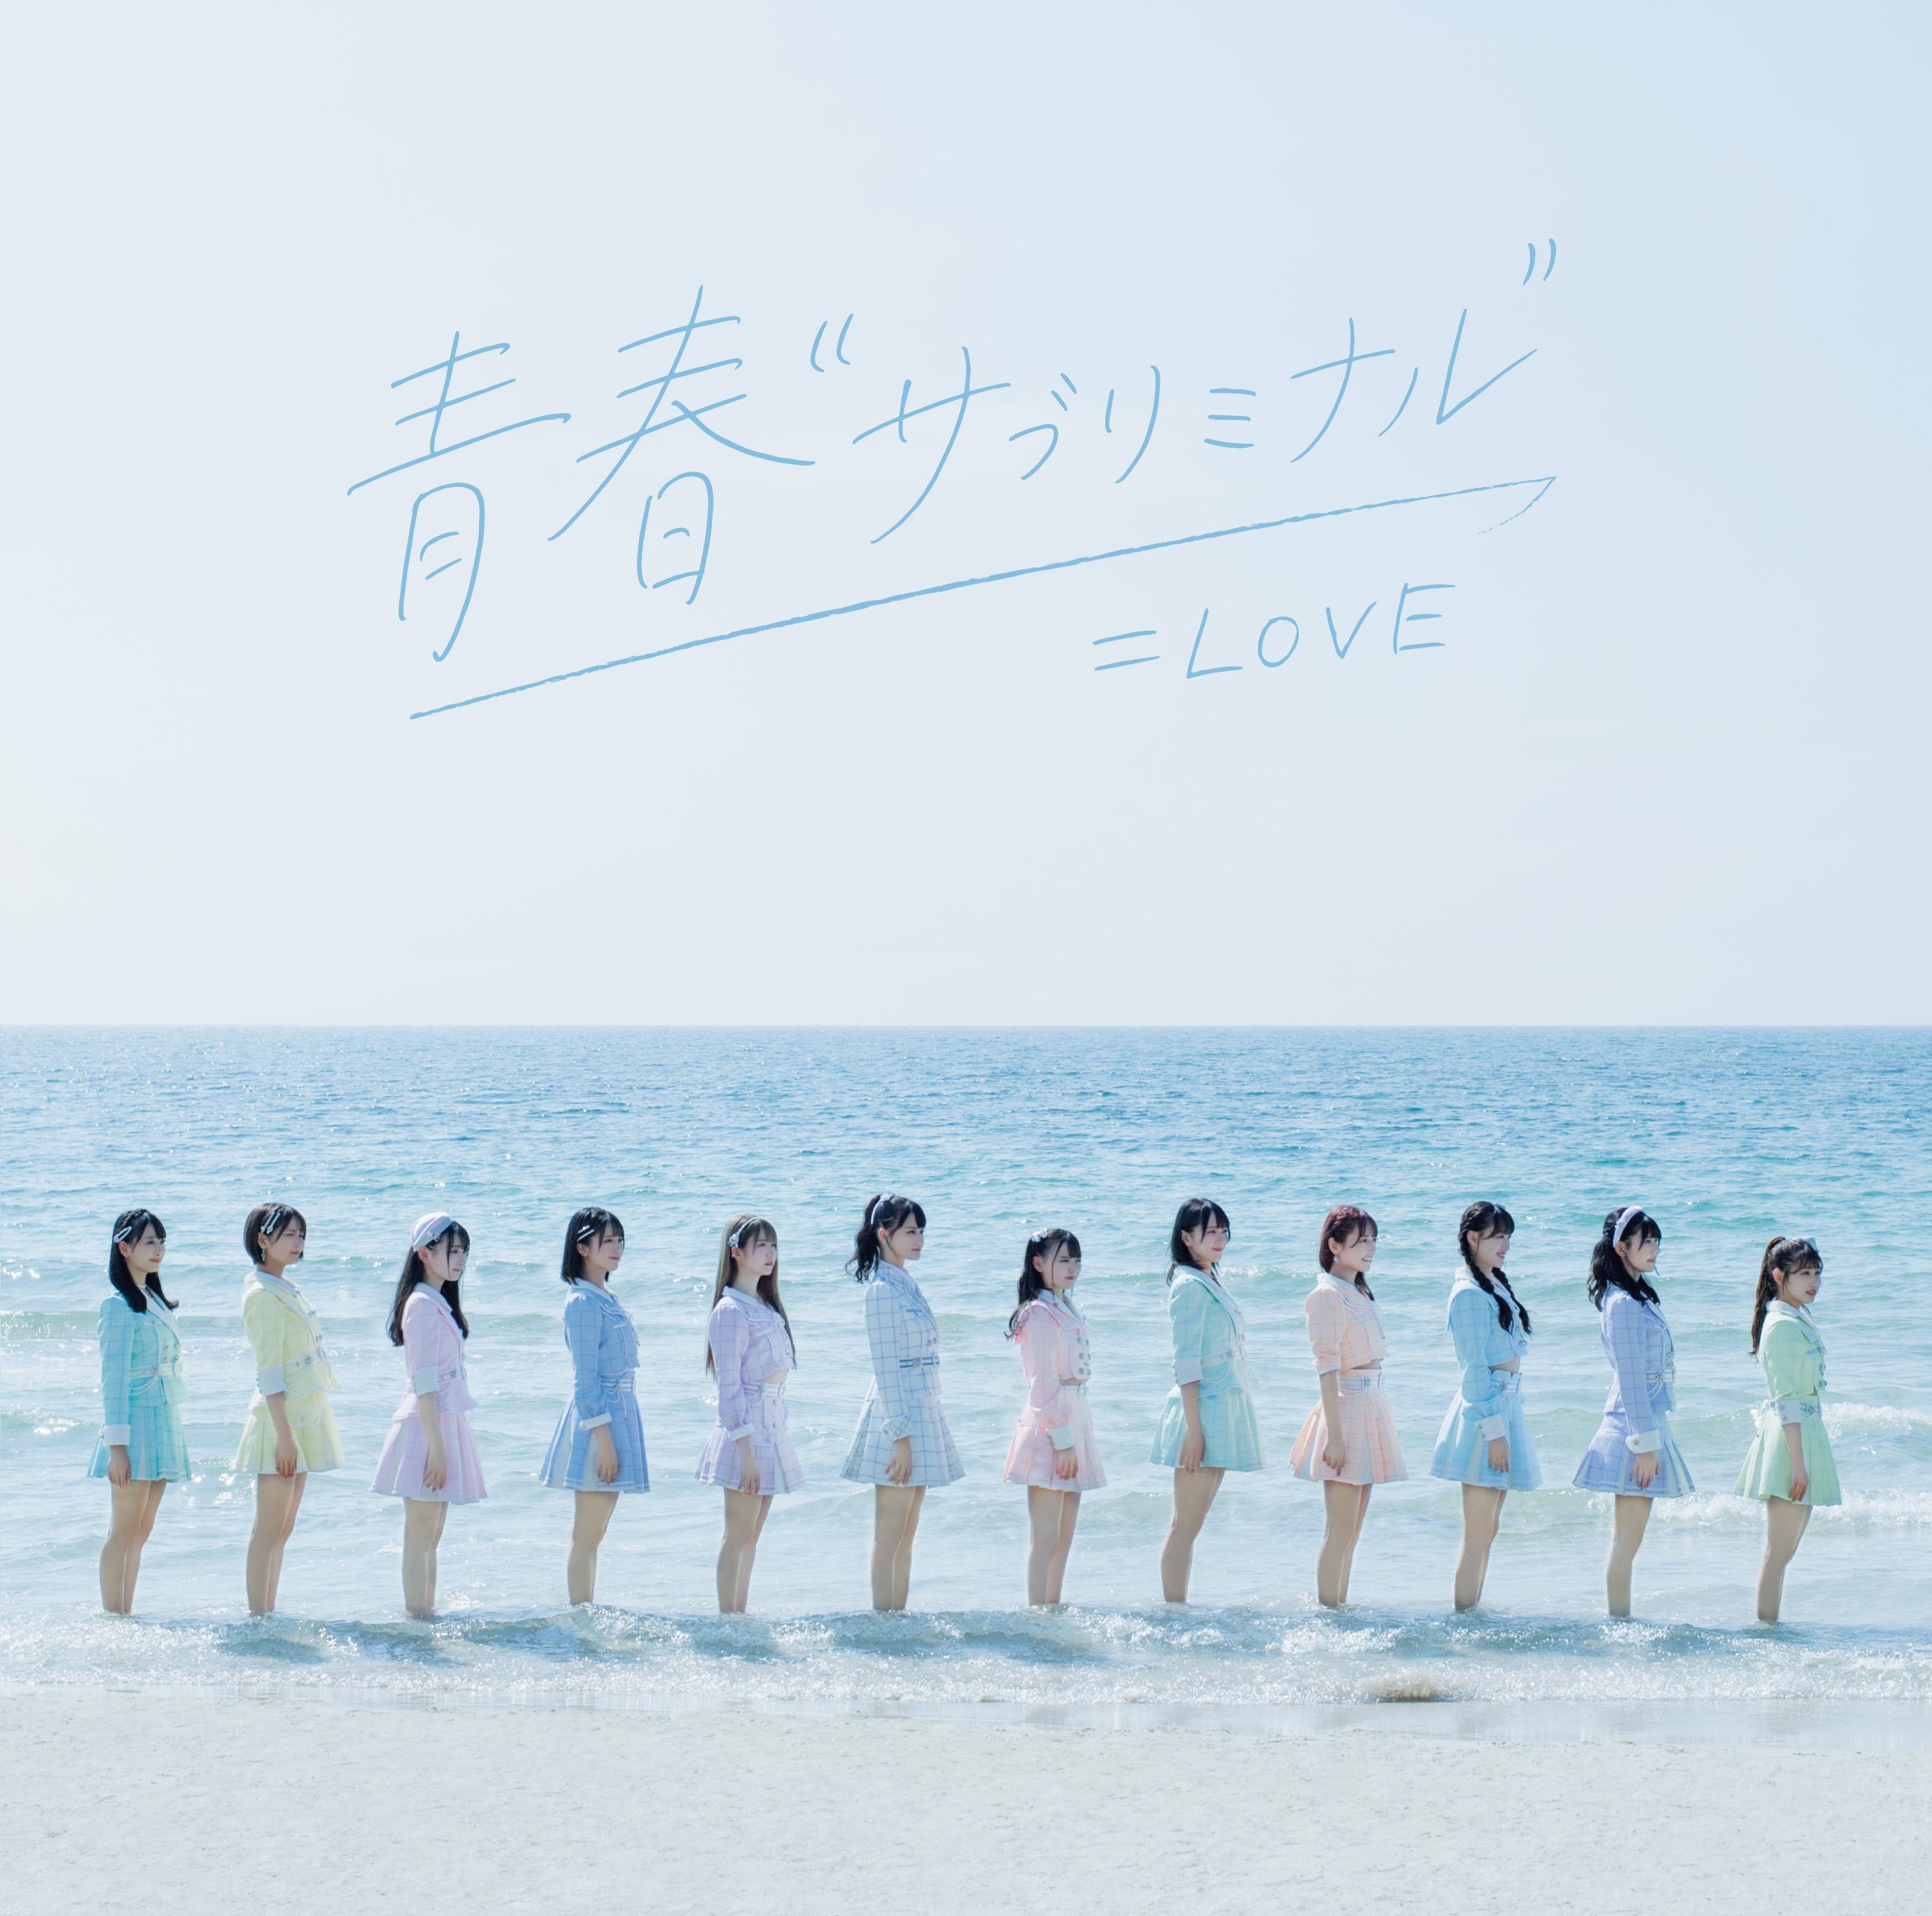 """青春""""サブリミナル""""[CD+DVD/Type-C]"""